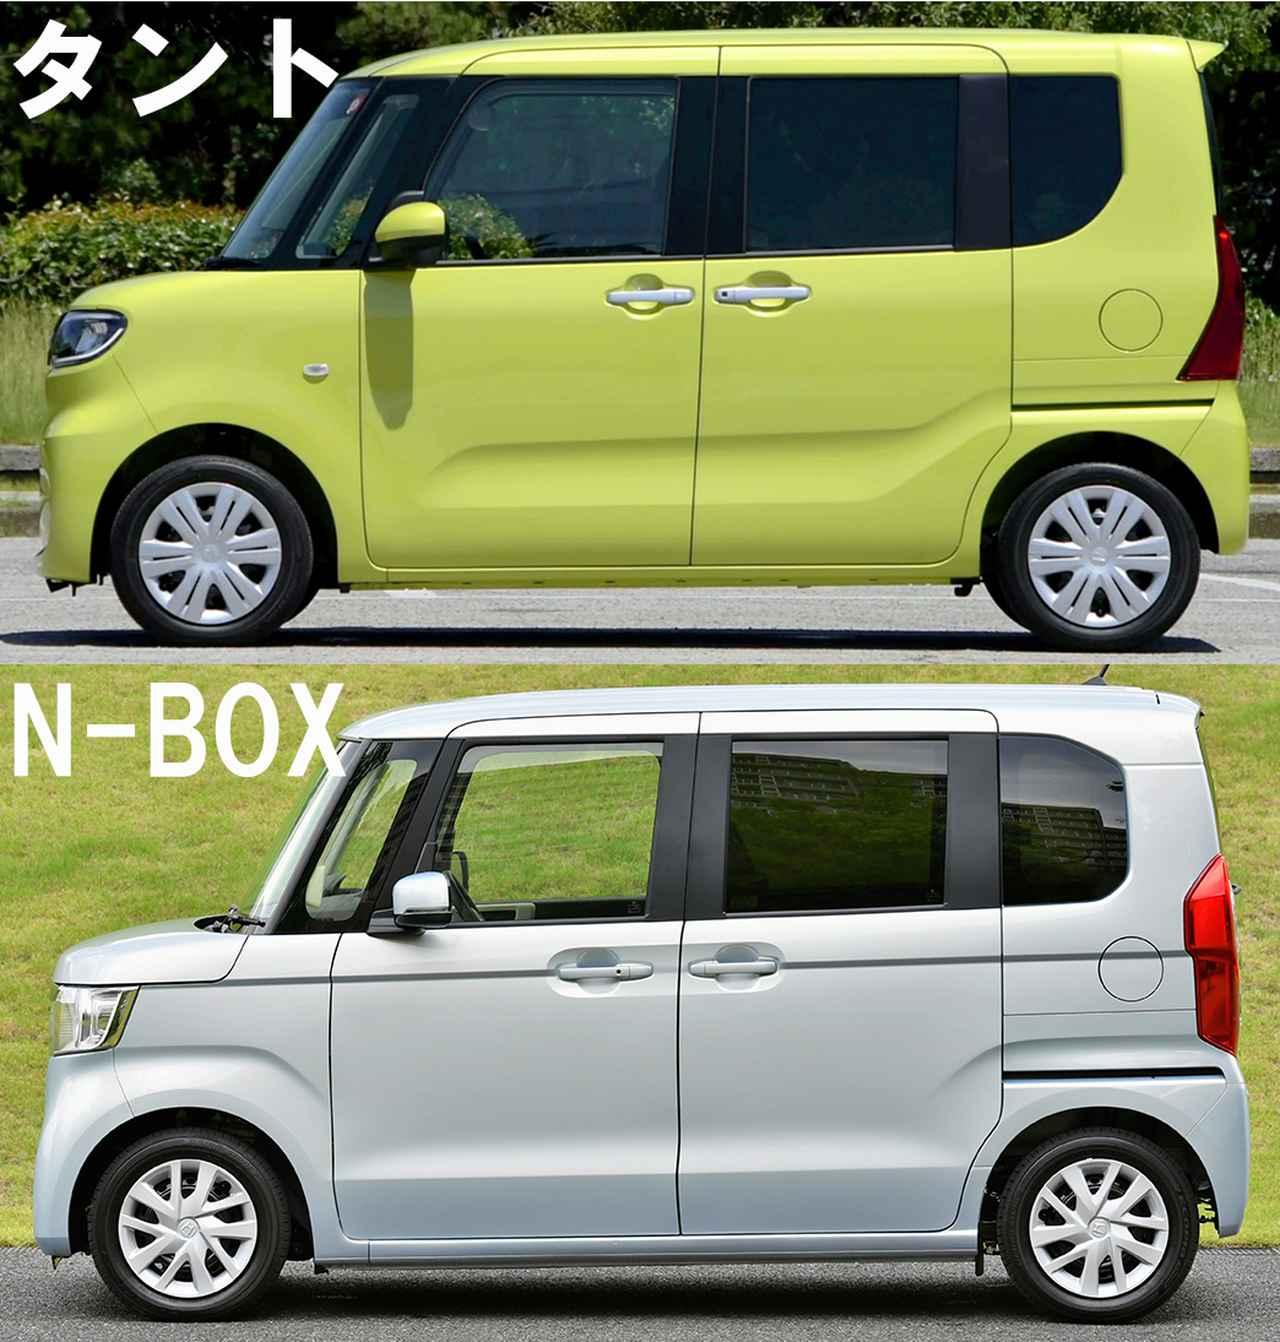 【絶対比較】軽自動車ナンバー1をかけて激突するタントとNボックスのハイトワゴン対決!